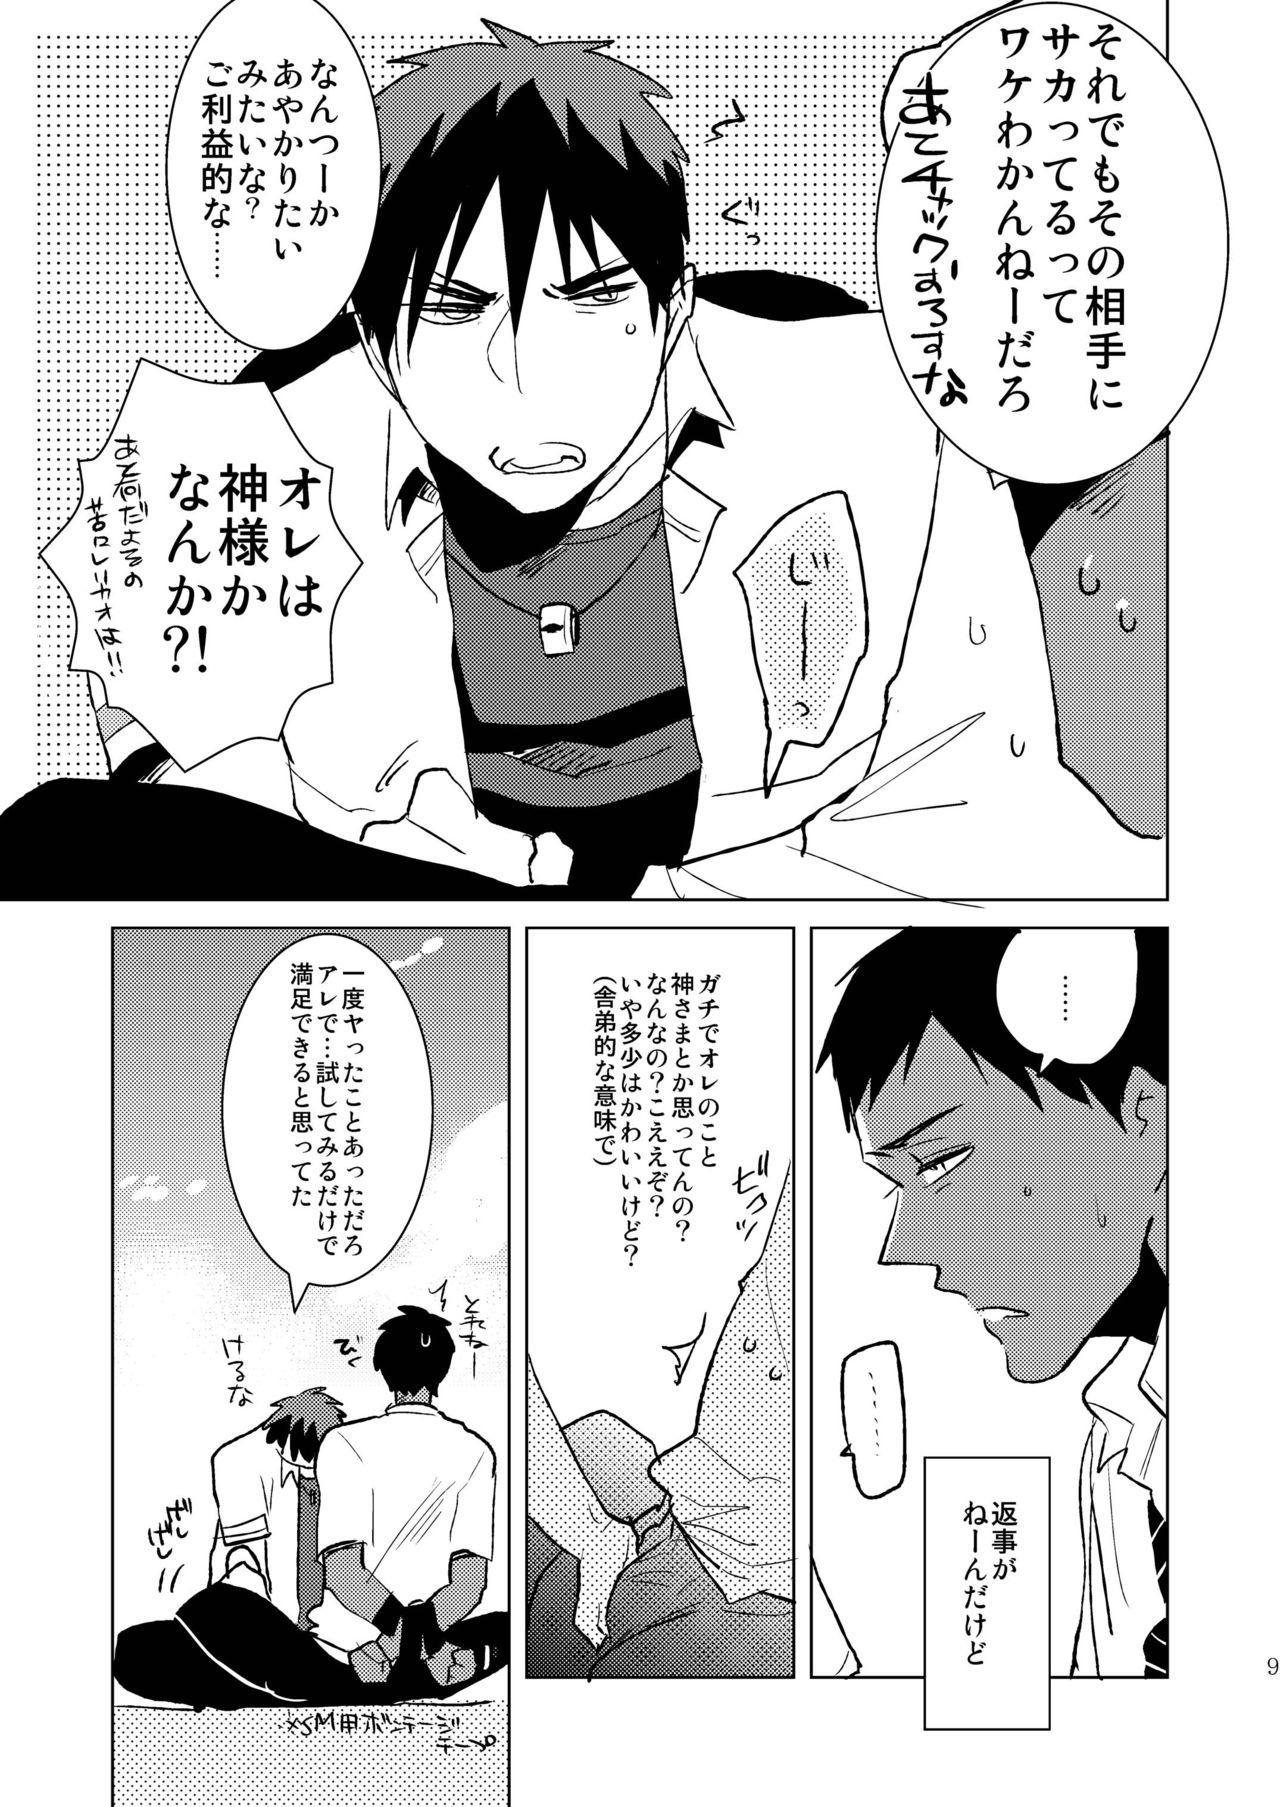 Kagami-kun no Ero hon 9 Ippatsuyara Sete Kure! 7